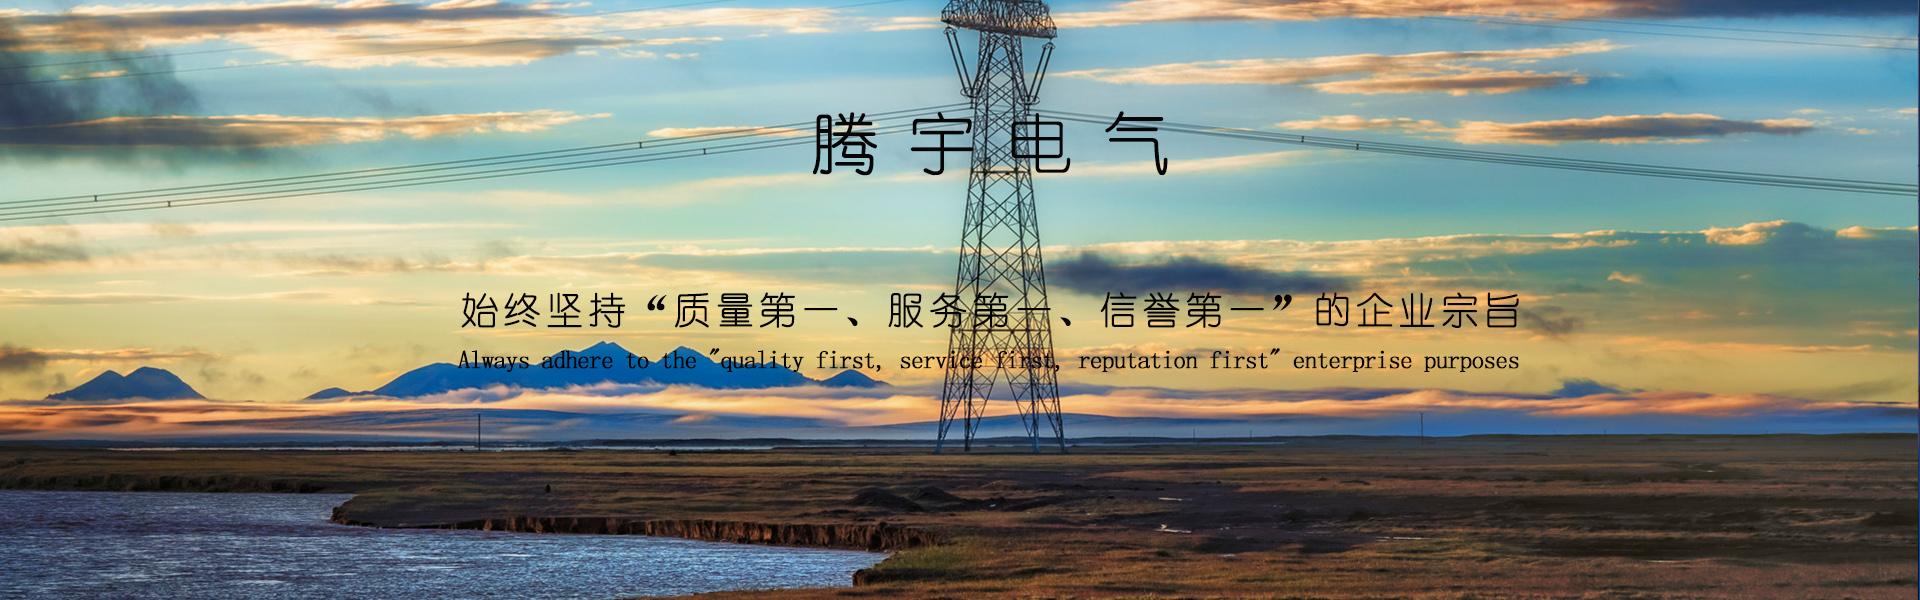 高低压柜,湖北高低压配电柜,宜昌箱式变电站